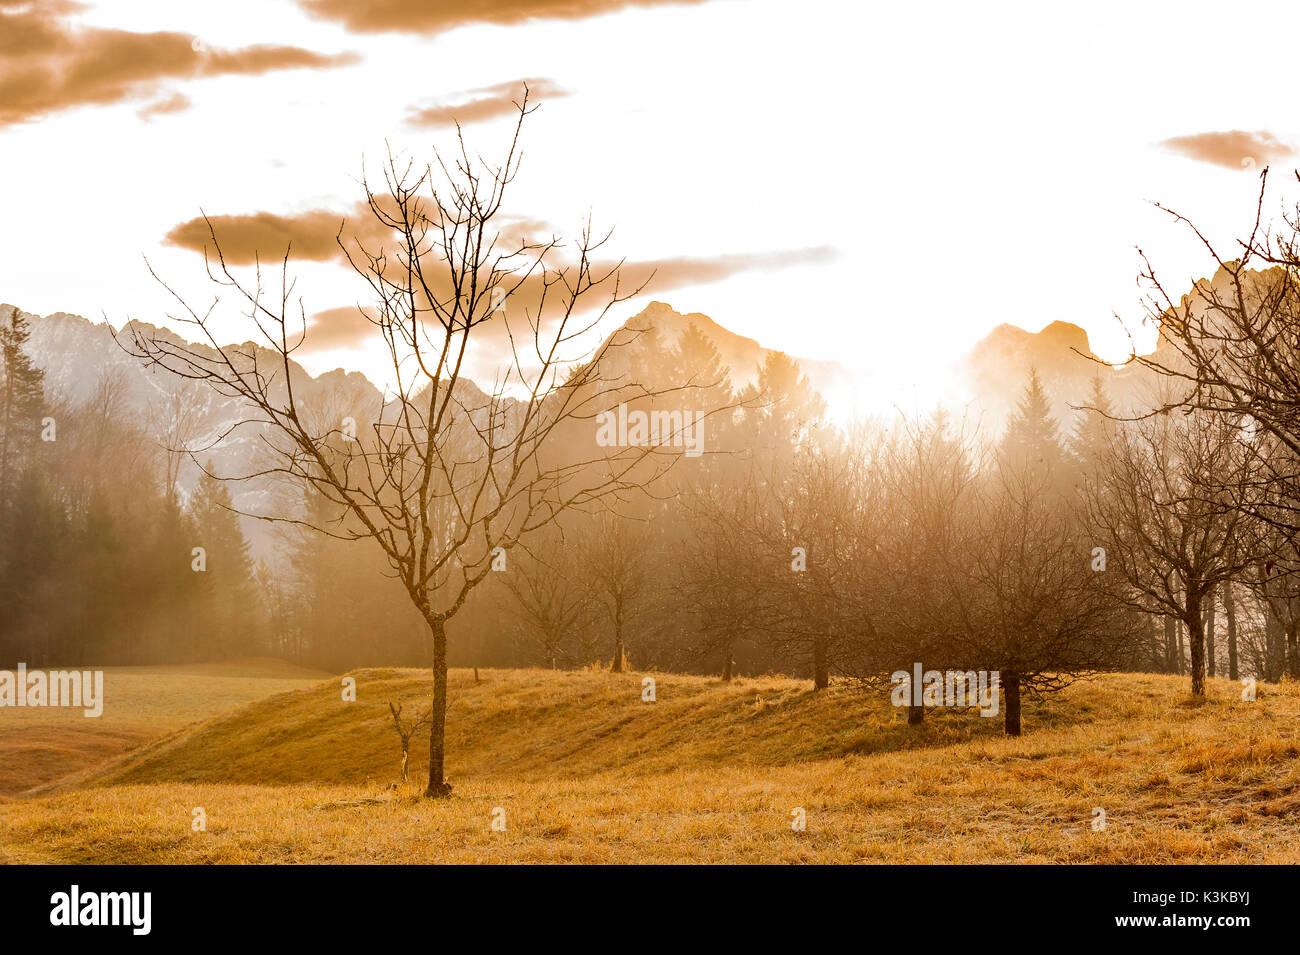 Árbol único de una huerta de prado en la violenta iluminación posterior de la puesta de sol sobre el Karwendelgebirge (montañas) con niebla. Imagen De Stock